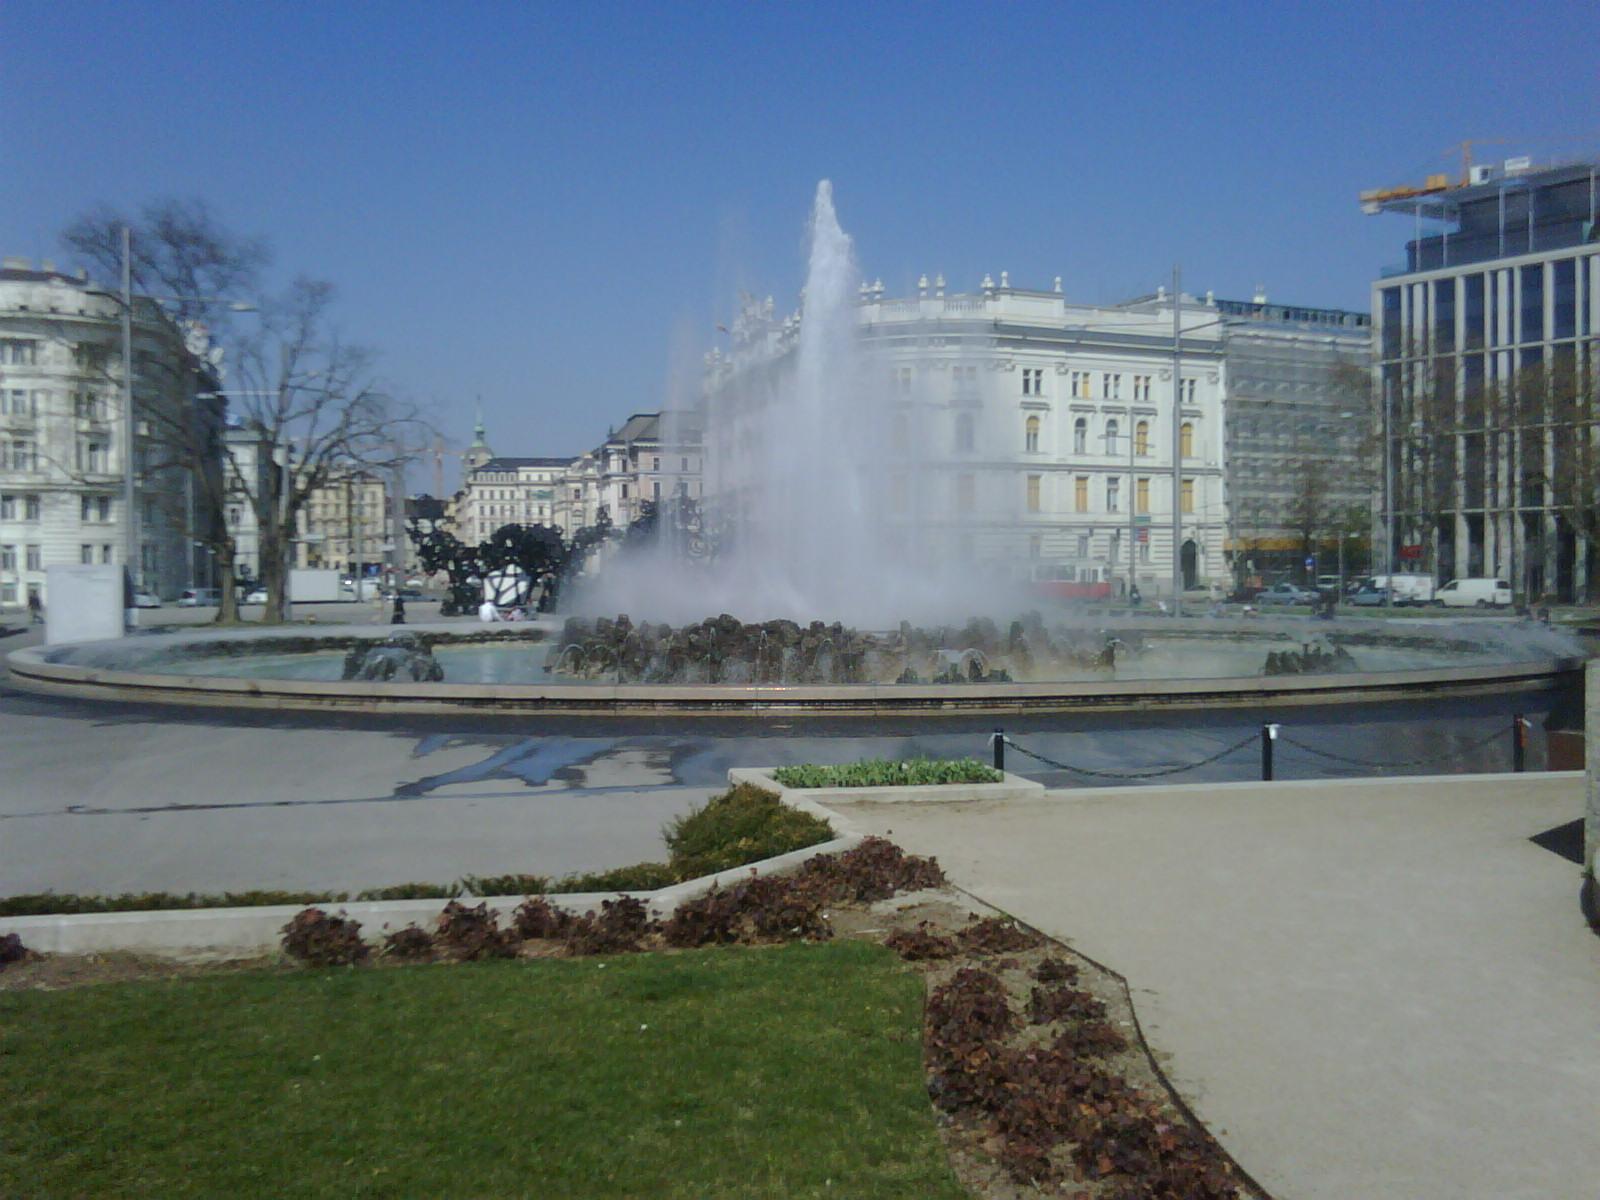 Wien ist immer eine Reise Wert. Kundenbesuch Nähe Schwarzenbergplatz.